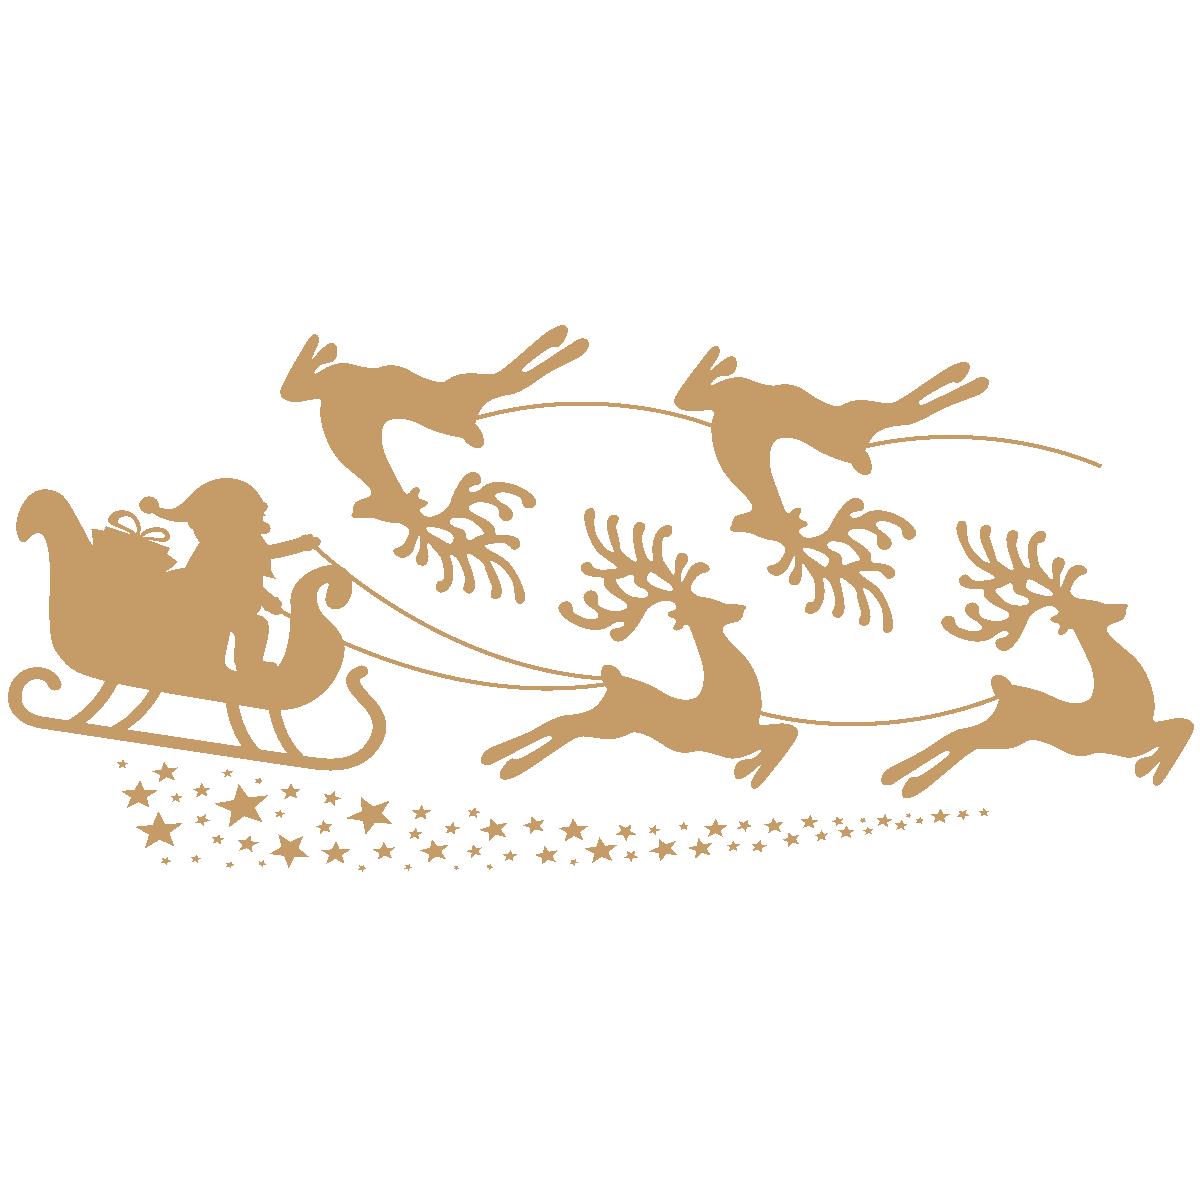 Les Renne Du Pere Noel.Sticker Noël Traineau Du Père Noël Et Les Rennes